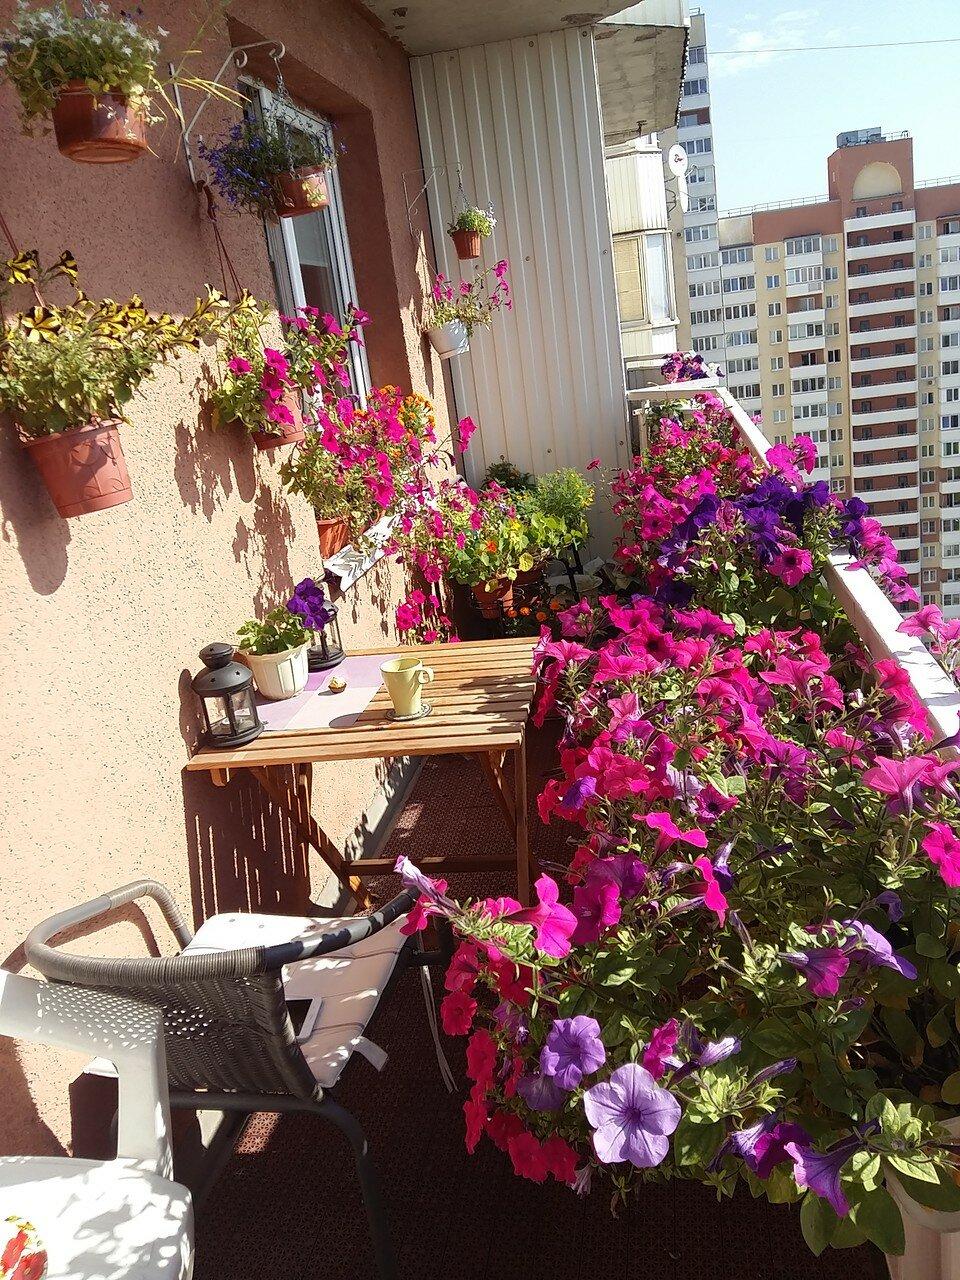 Балкон - за облаками всегда солнце!.